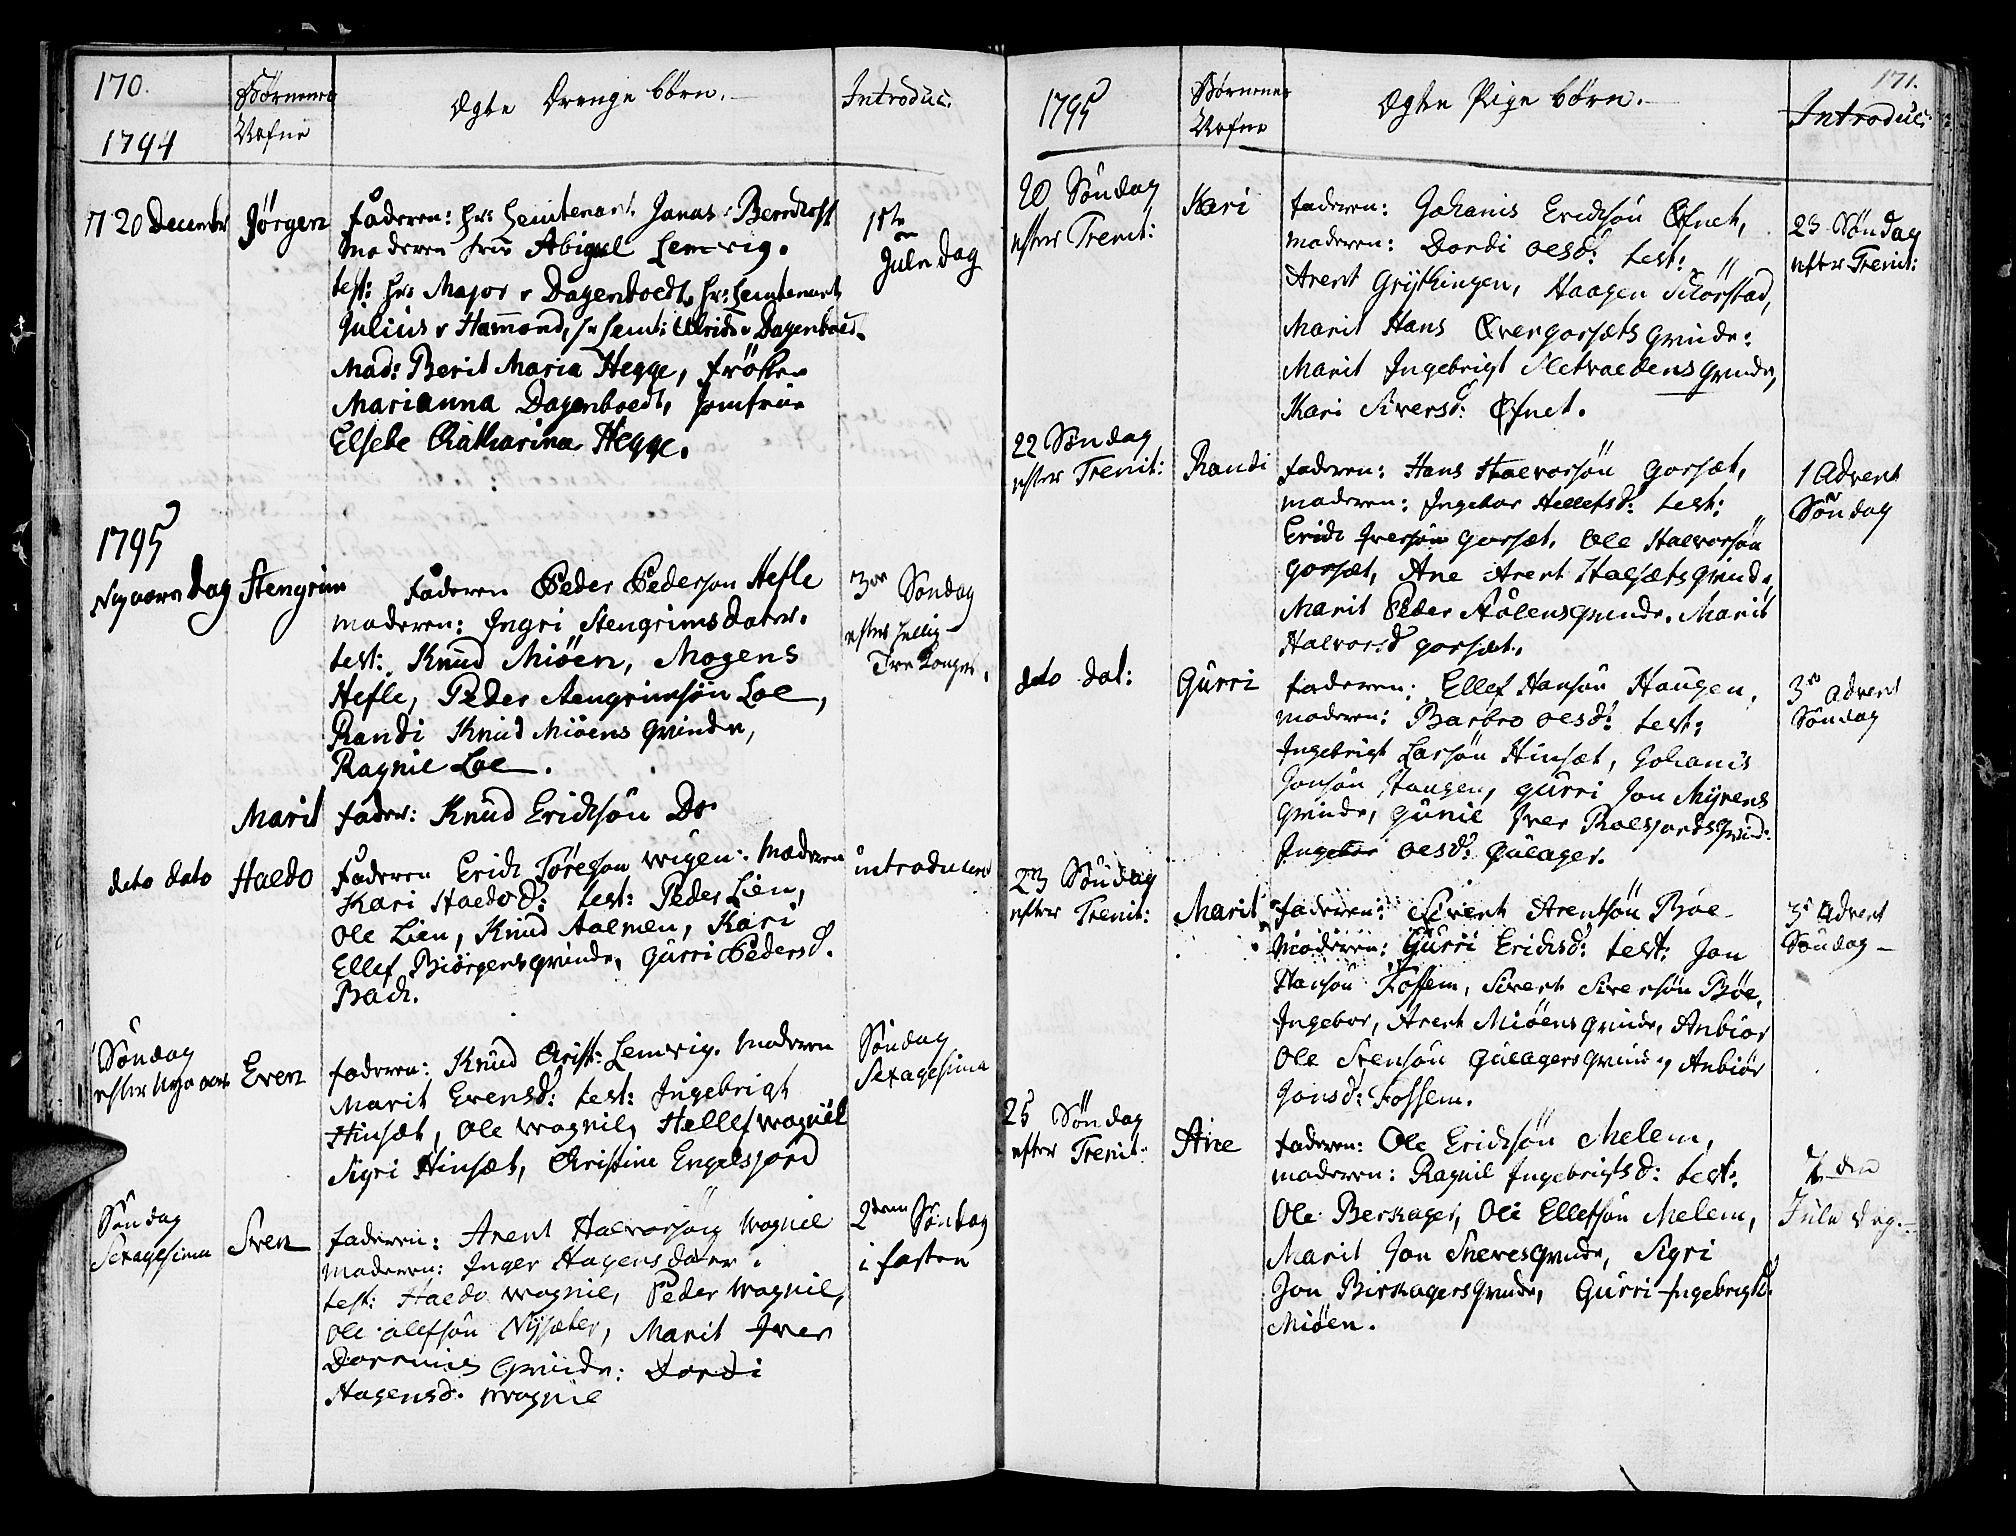 SAT, Ministerialprotokoller, klokkerbøker og fødselsregistre - Sør-Trøndelag, 678/L0893: Ministerialbok nr. 678A03, 1792-1805, s. 170-171